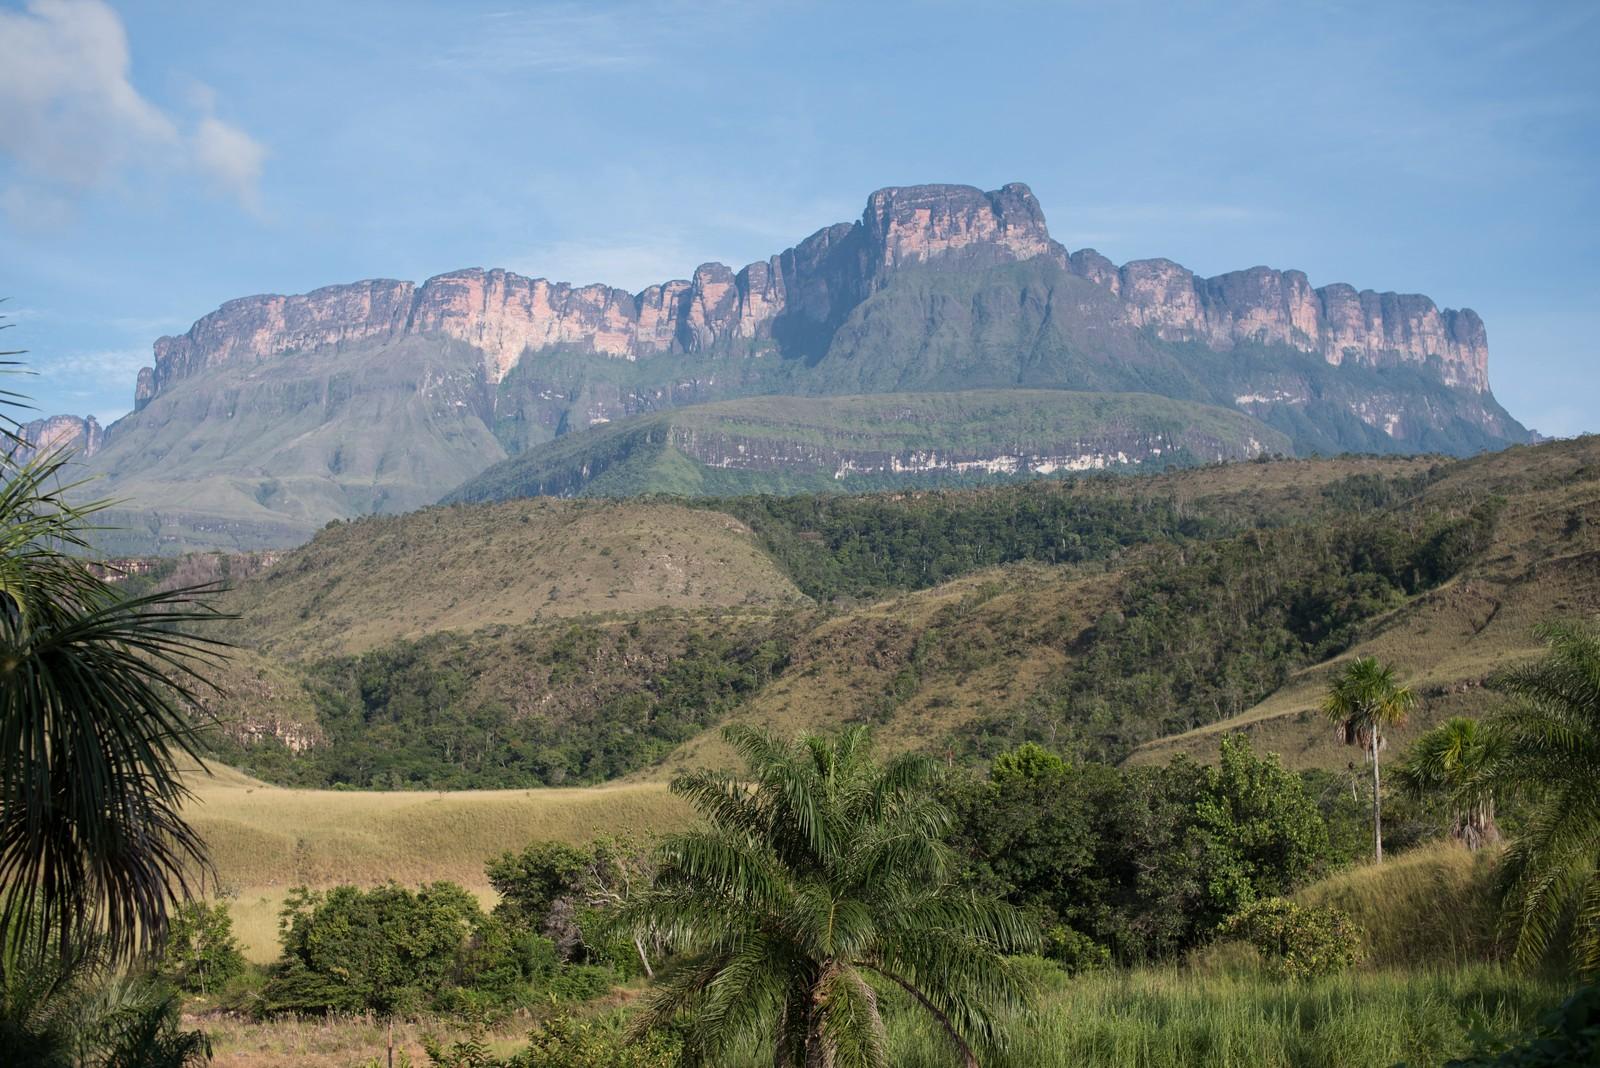 ロライマ山はコナン・ドイルの小説でも有名な絶景スポット!行き方もご紹介!